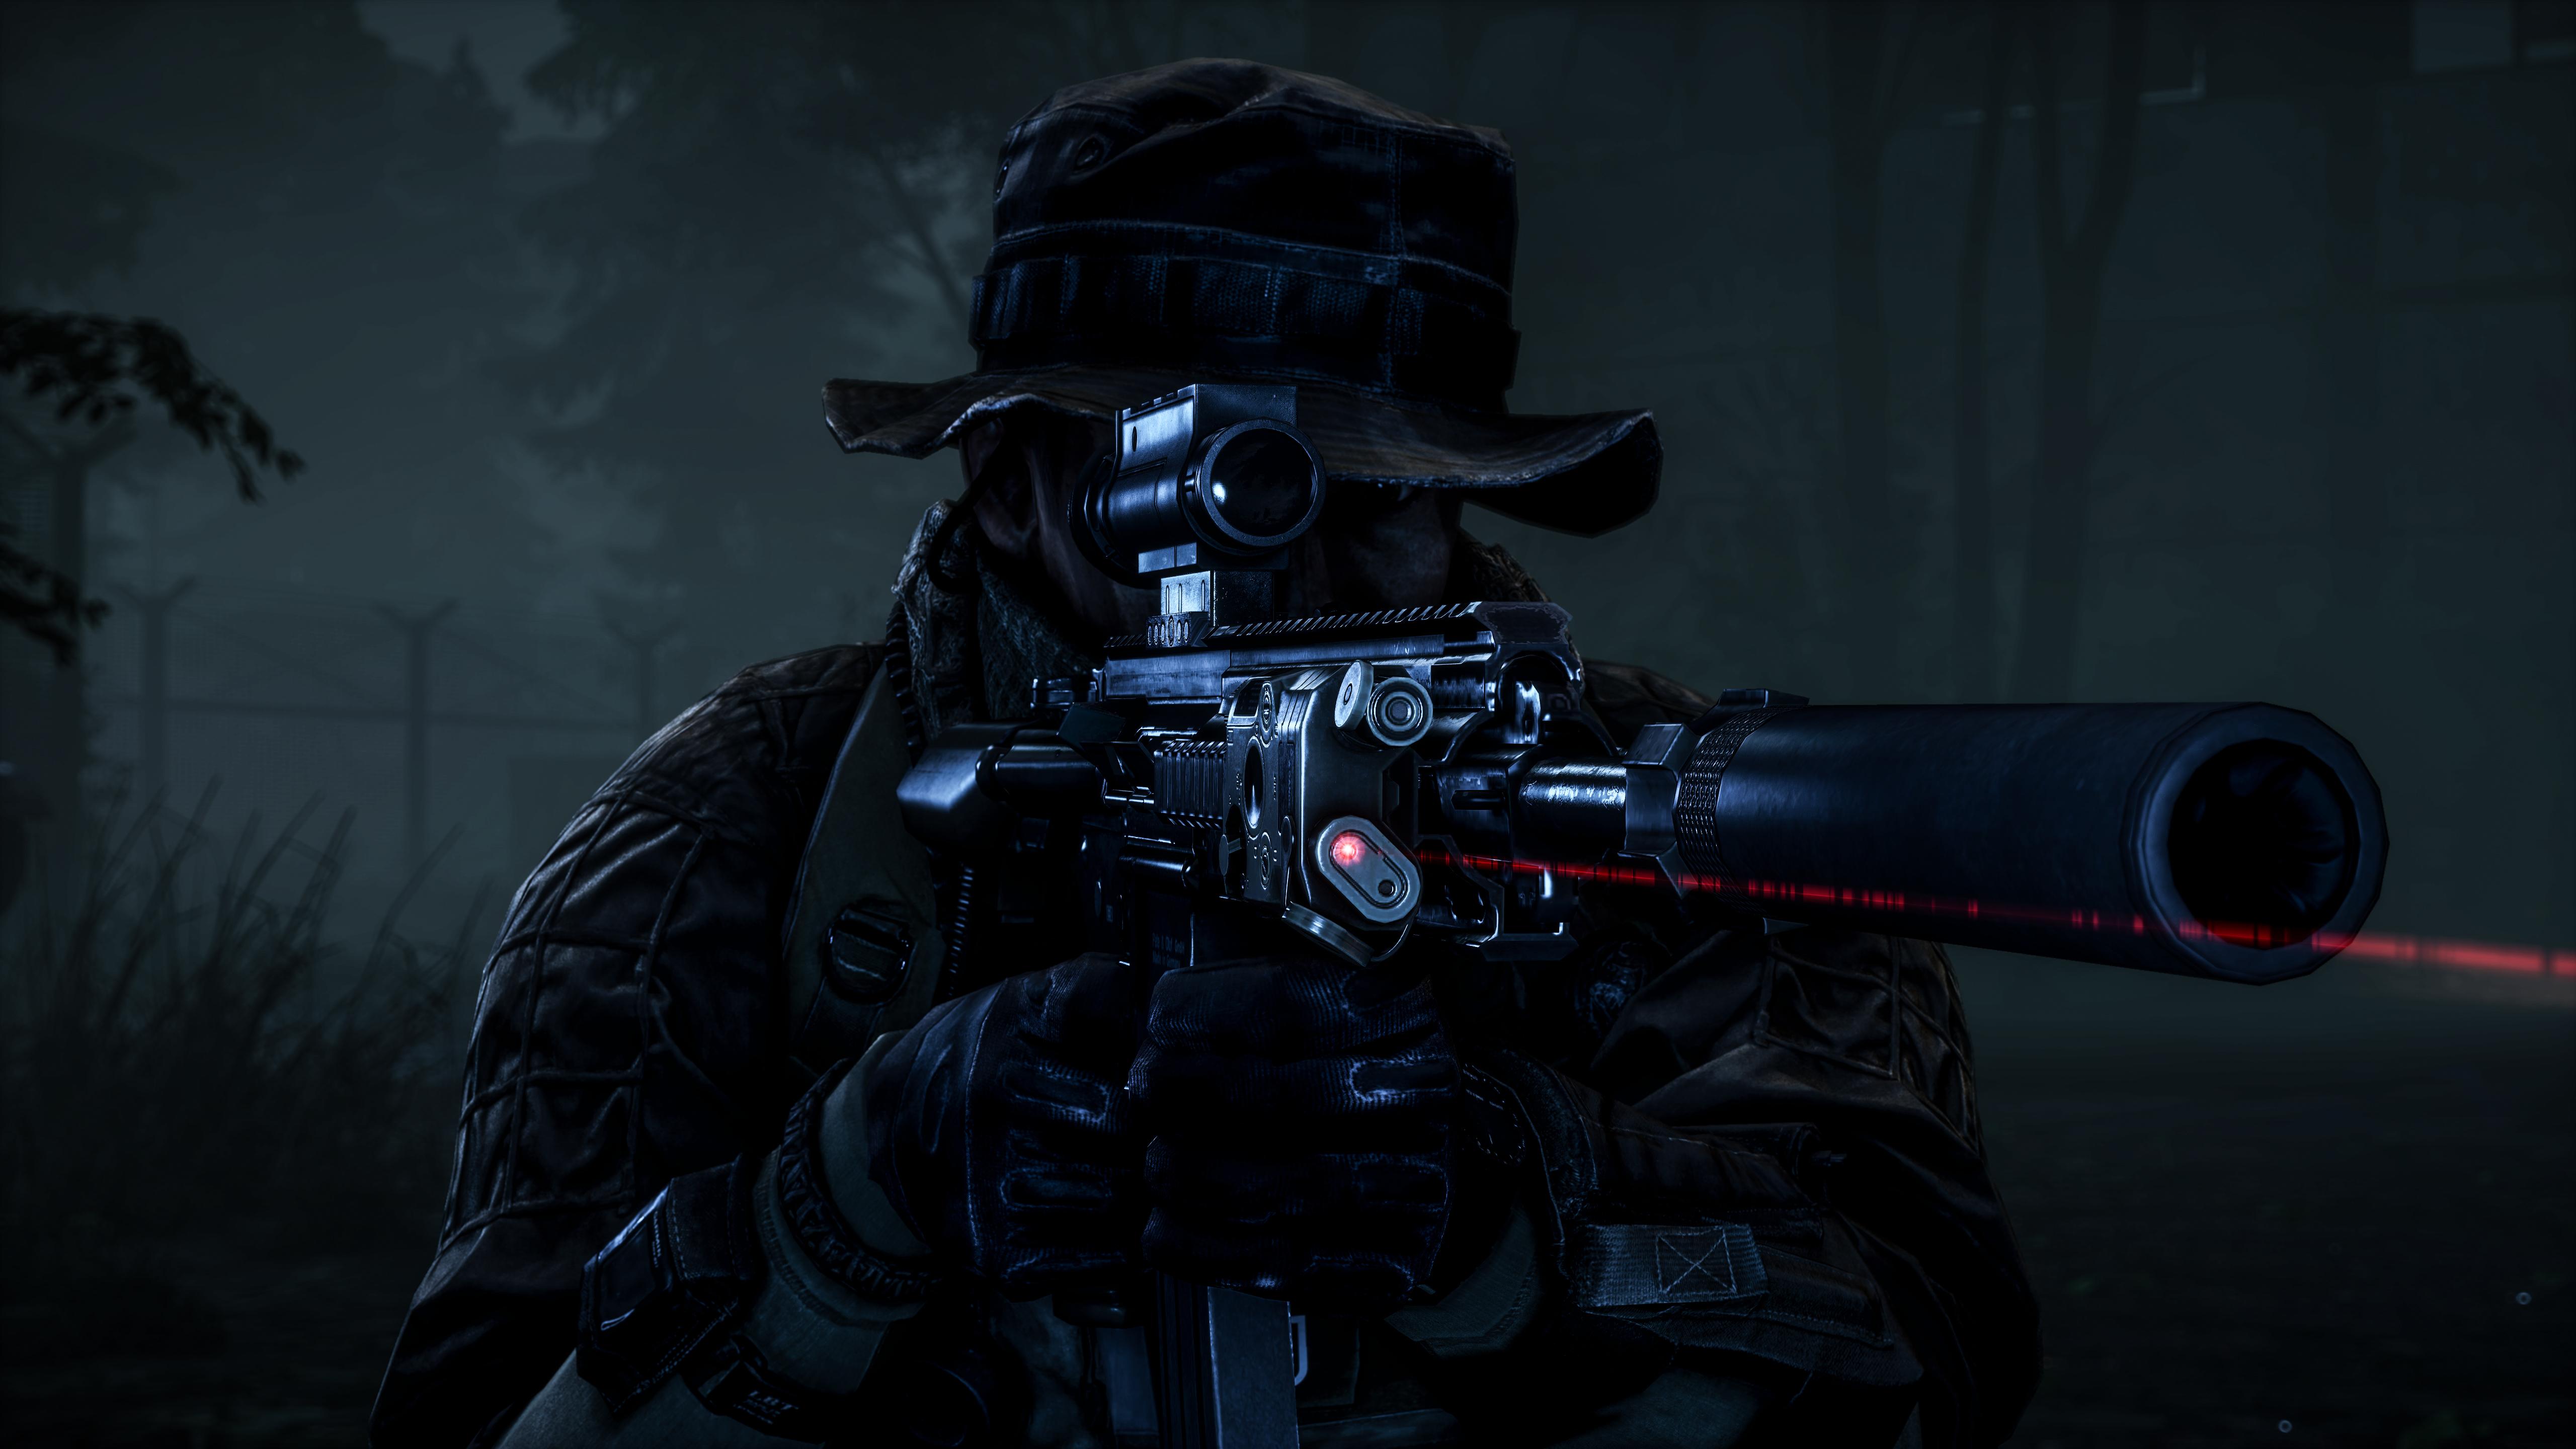 cool sniper pics - HD5120×2880